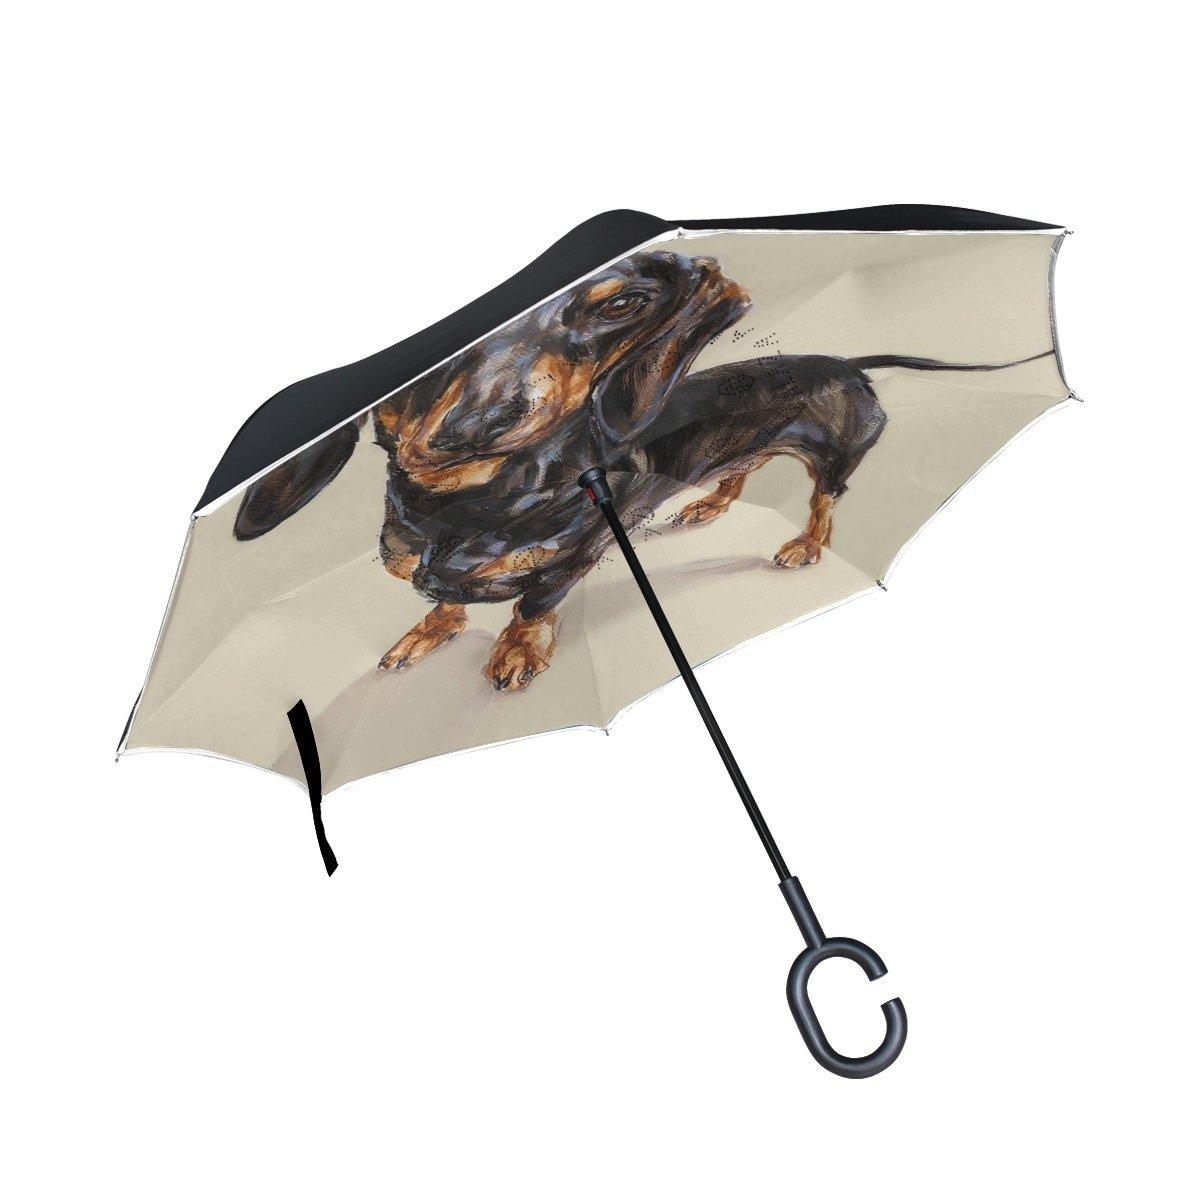 Alaza bassotto cane invertito ombrello doppio strato antivento Reverse ombrello pieghevole per auto con la maniglia a C